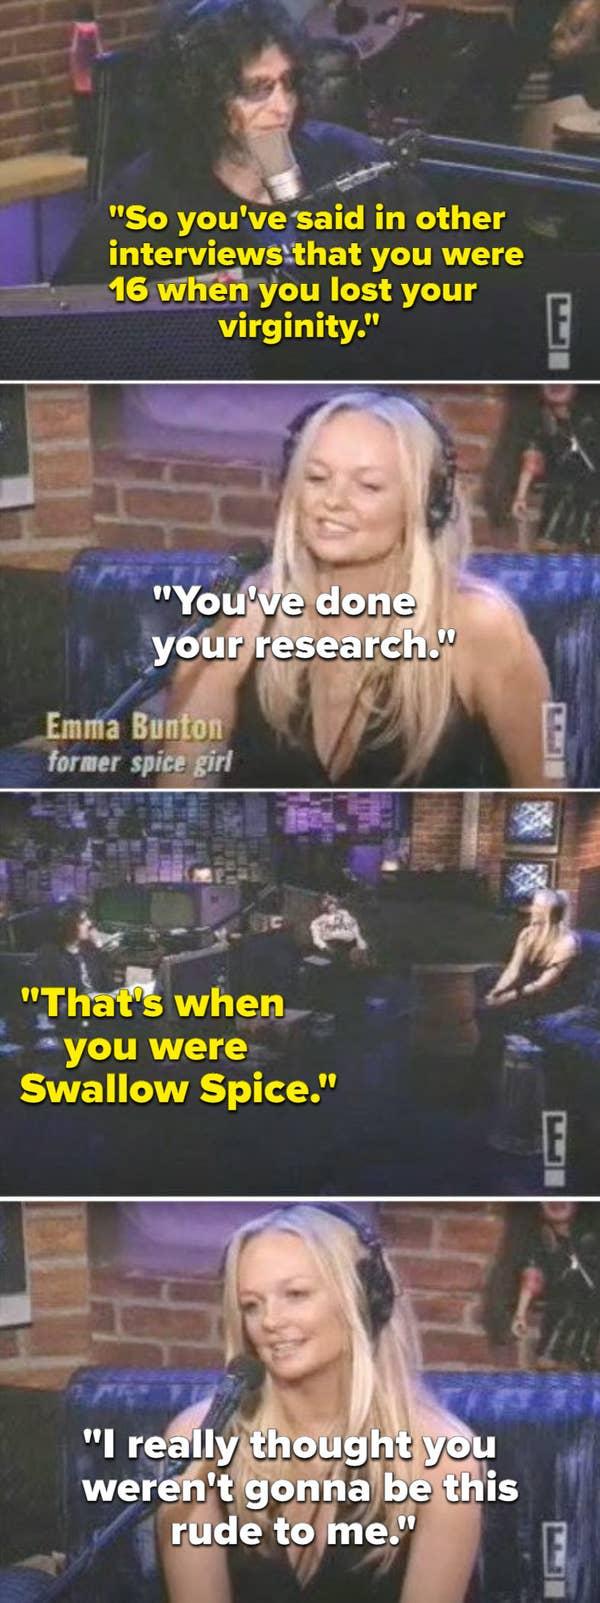 Howard Stern mengatakan bahwa Emma kehilangan keperawanannya ketika dia menjadi & quot; Swallow Spice & quot;